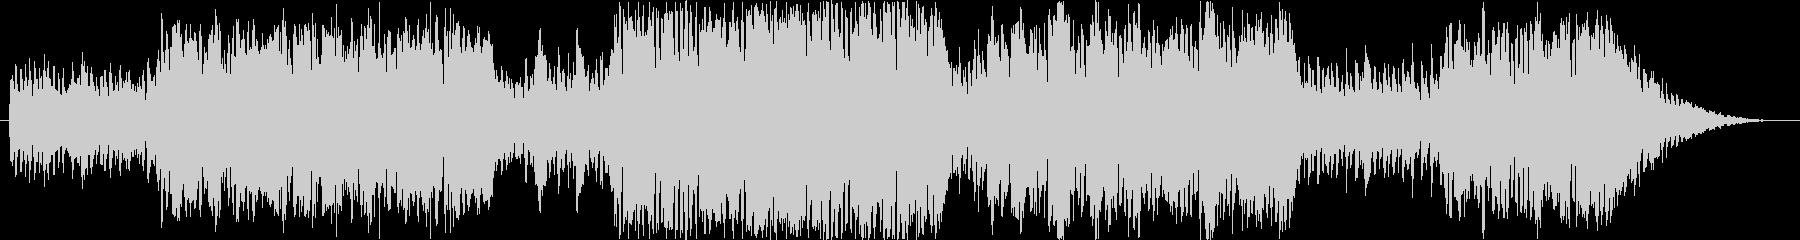 コミカルな雰囲気のオーケストラBGMの未再生の波形